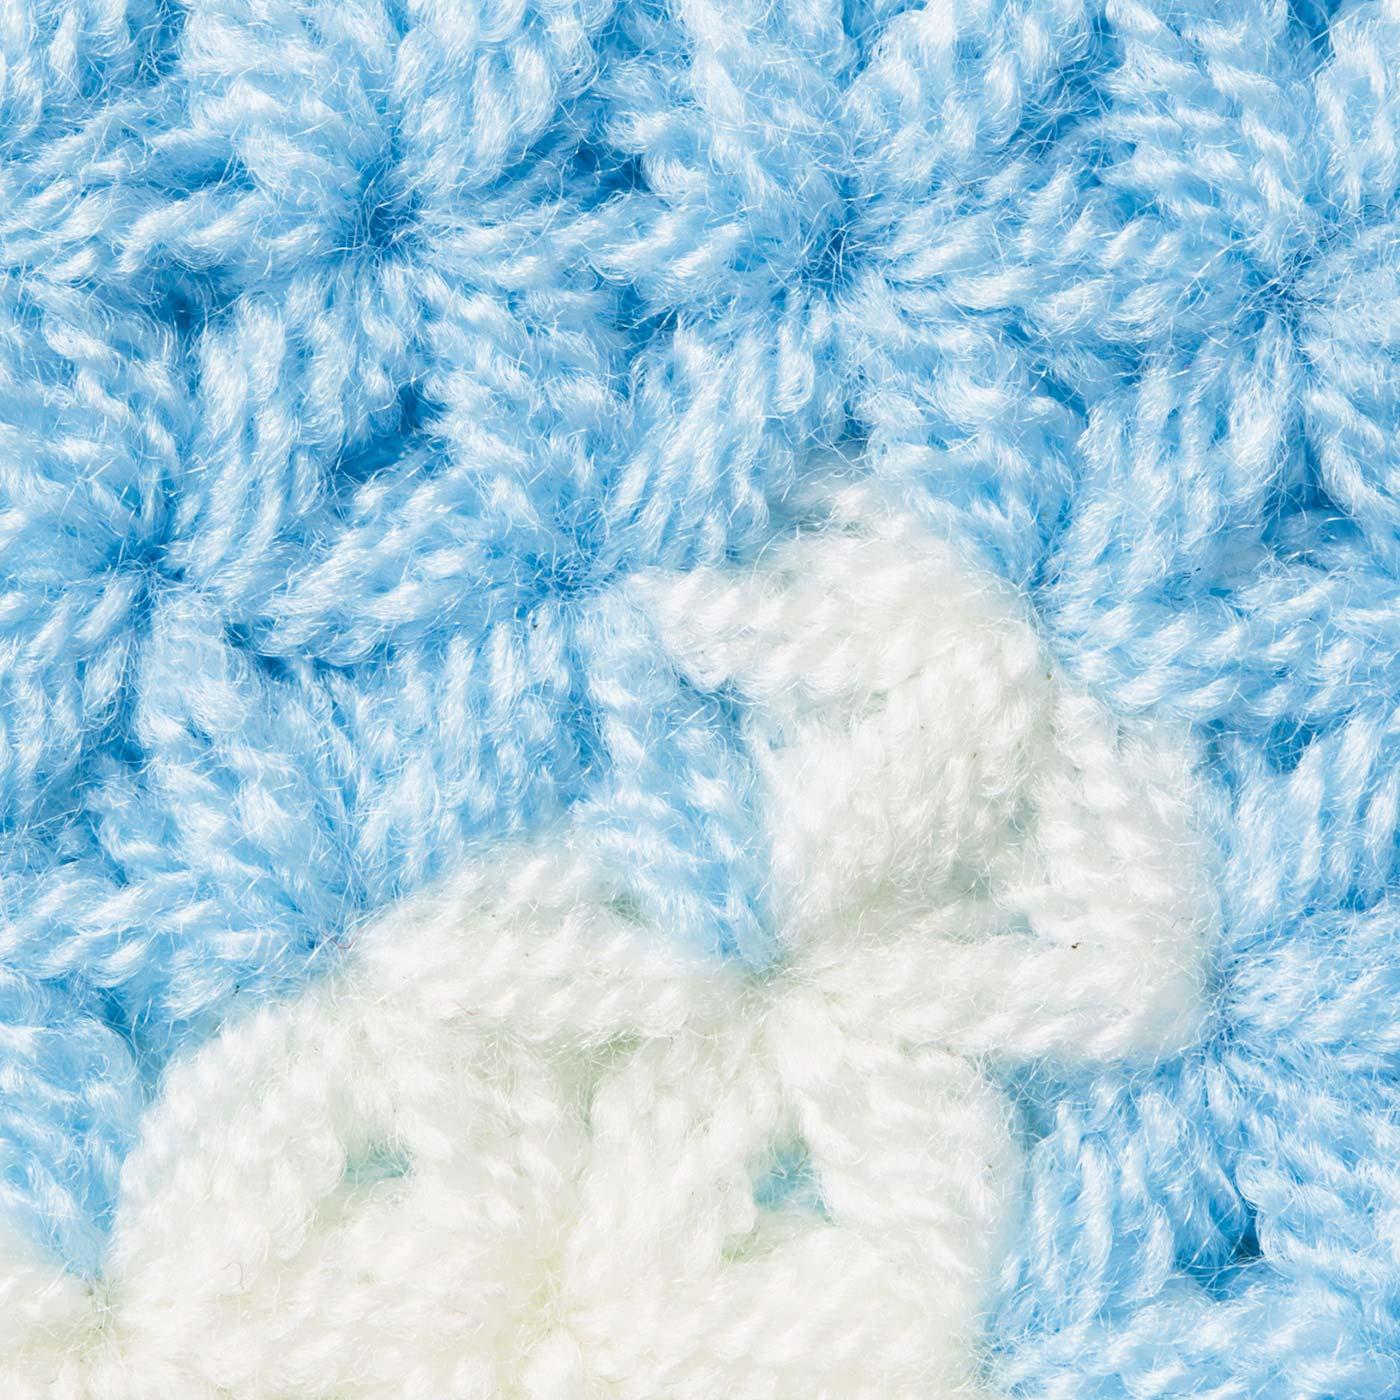 ポコポコした独特の編み地がポイントです。